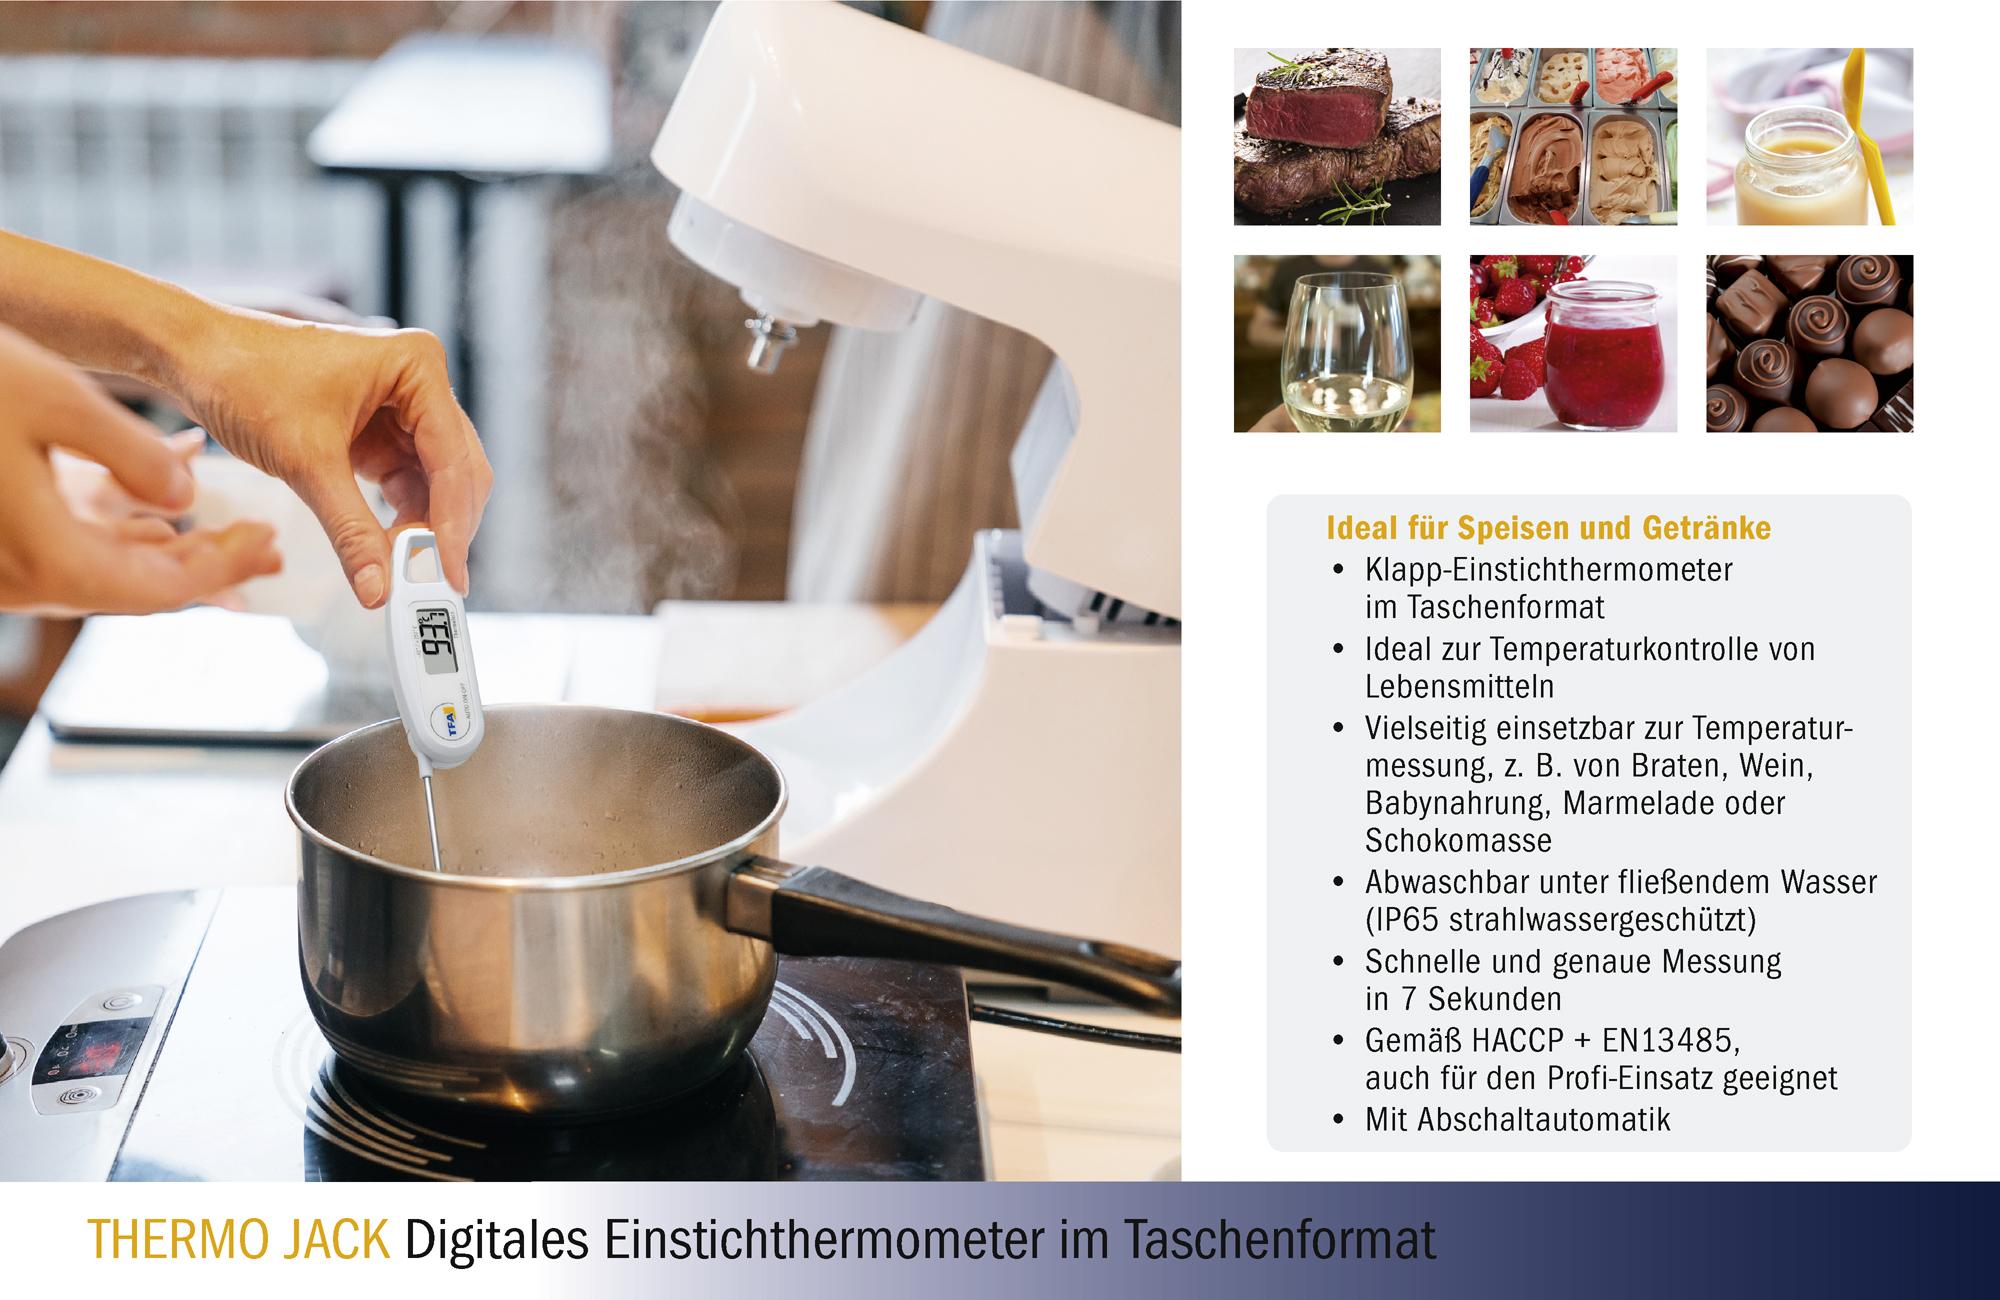 ThermoJack_Einstichthermometer_Grillen_Braten_30104702_Vorteile.jpg